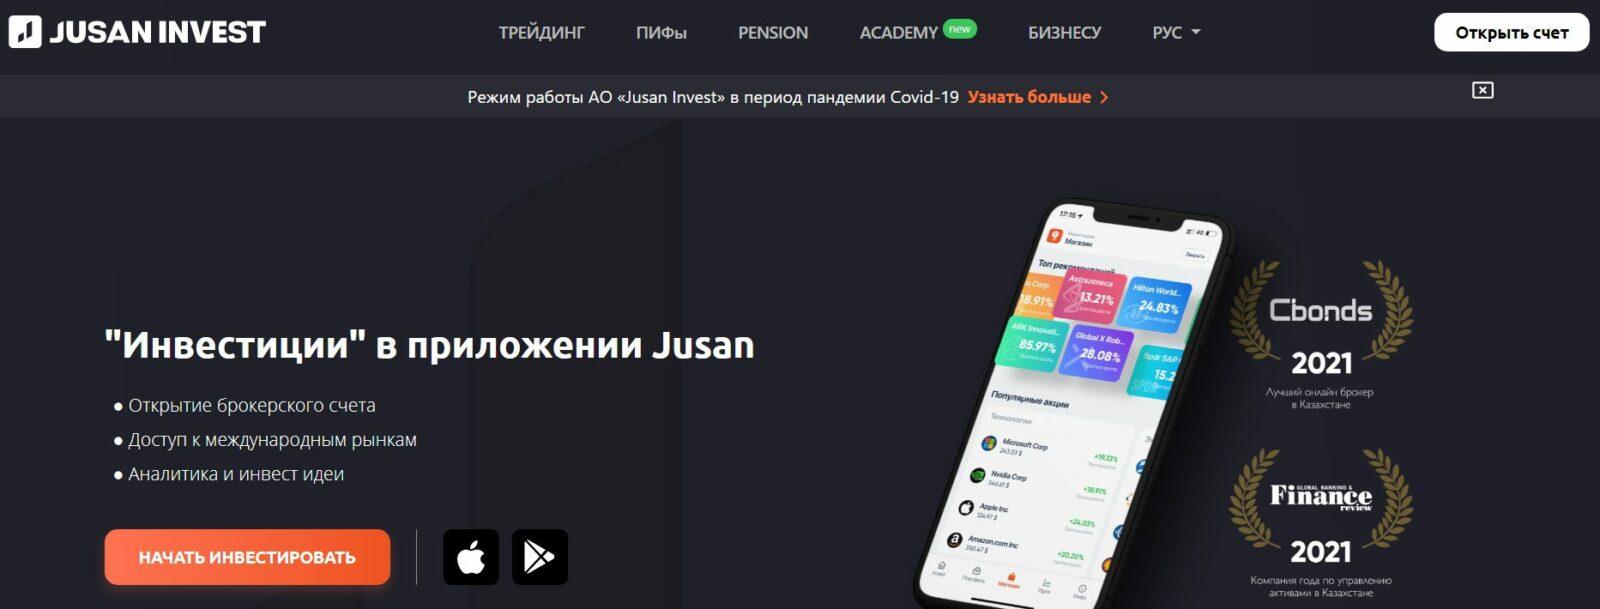 Сайт проекта Джусан Инвест